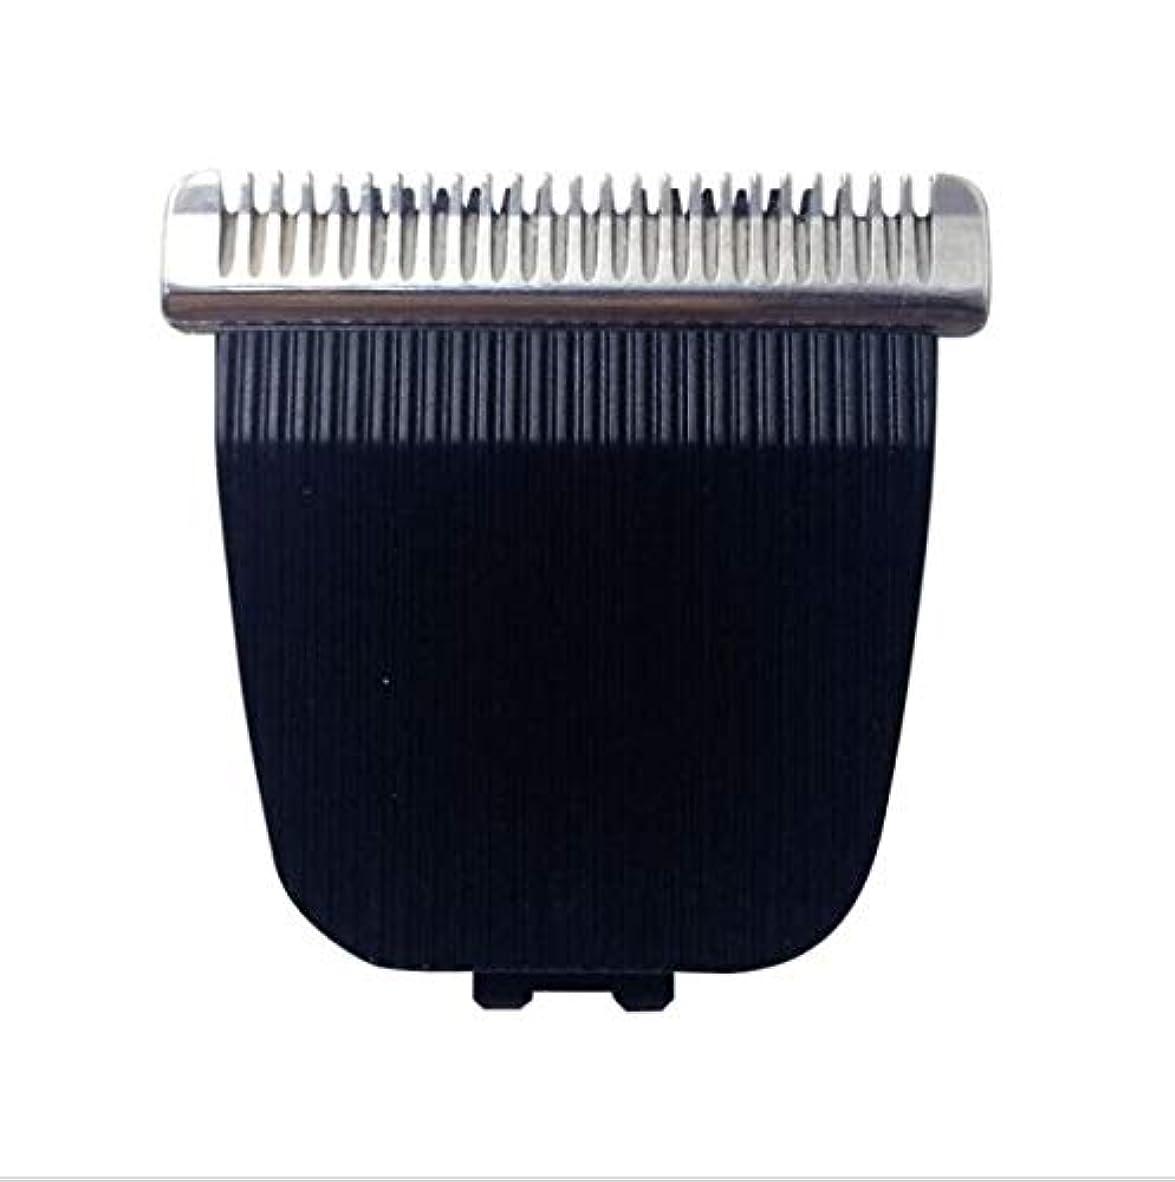 ステレオ散文メトロポリタントリコインダストリーズ プロトリマー AT-15G06 用替刃 1個